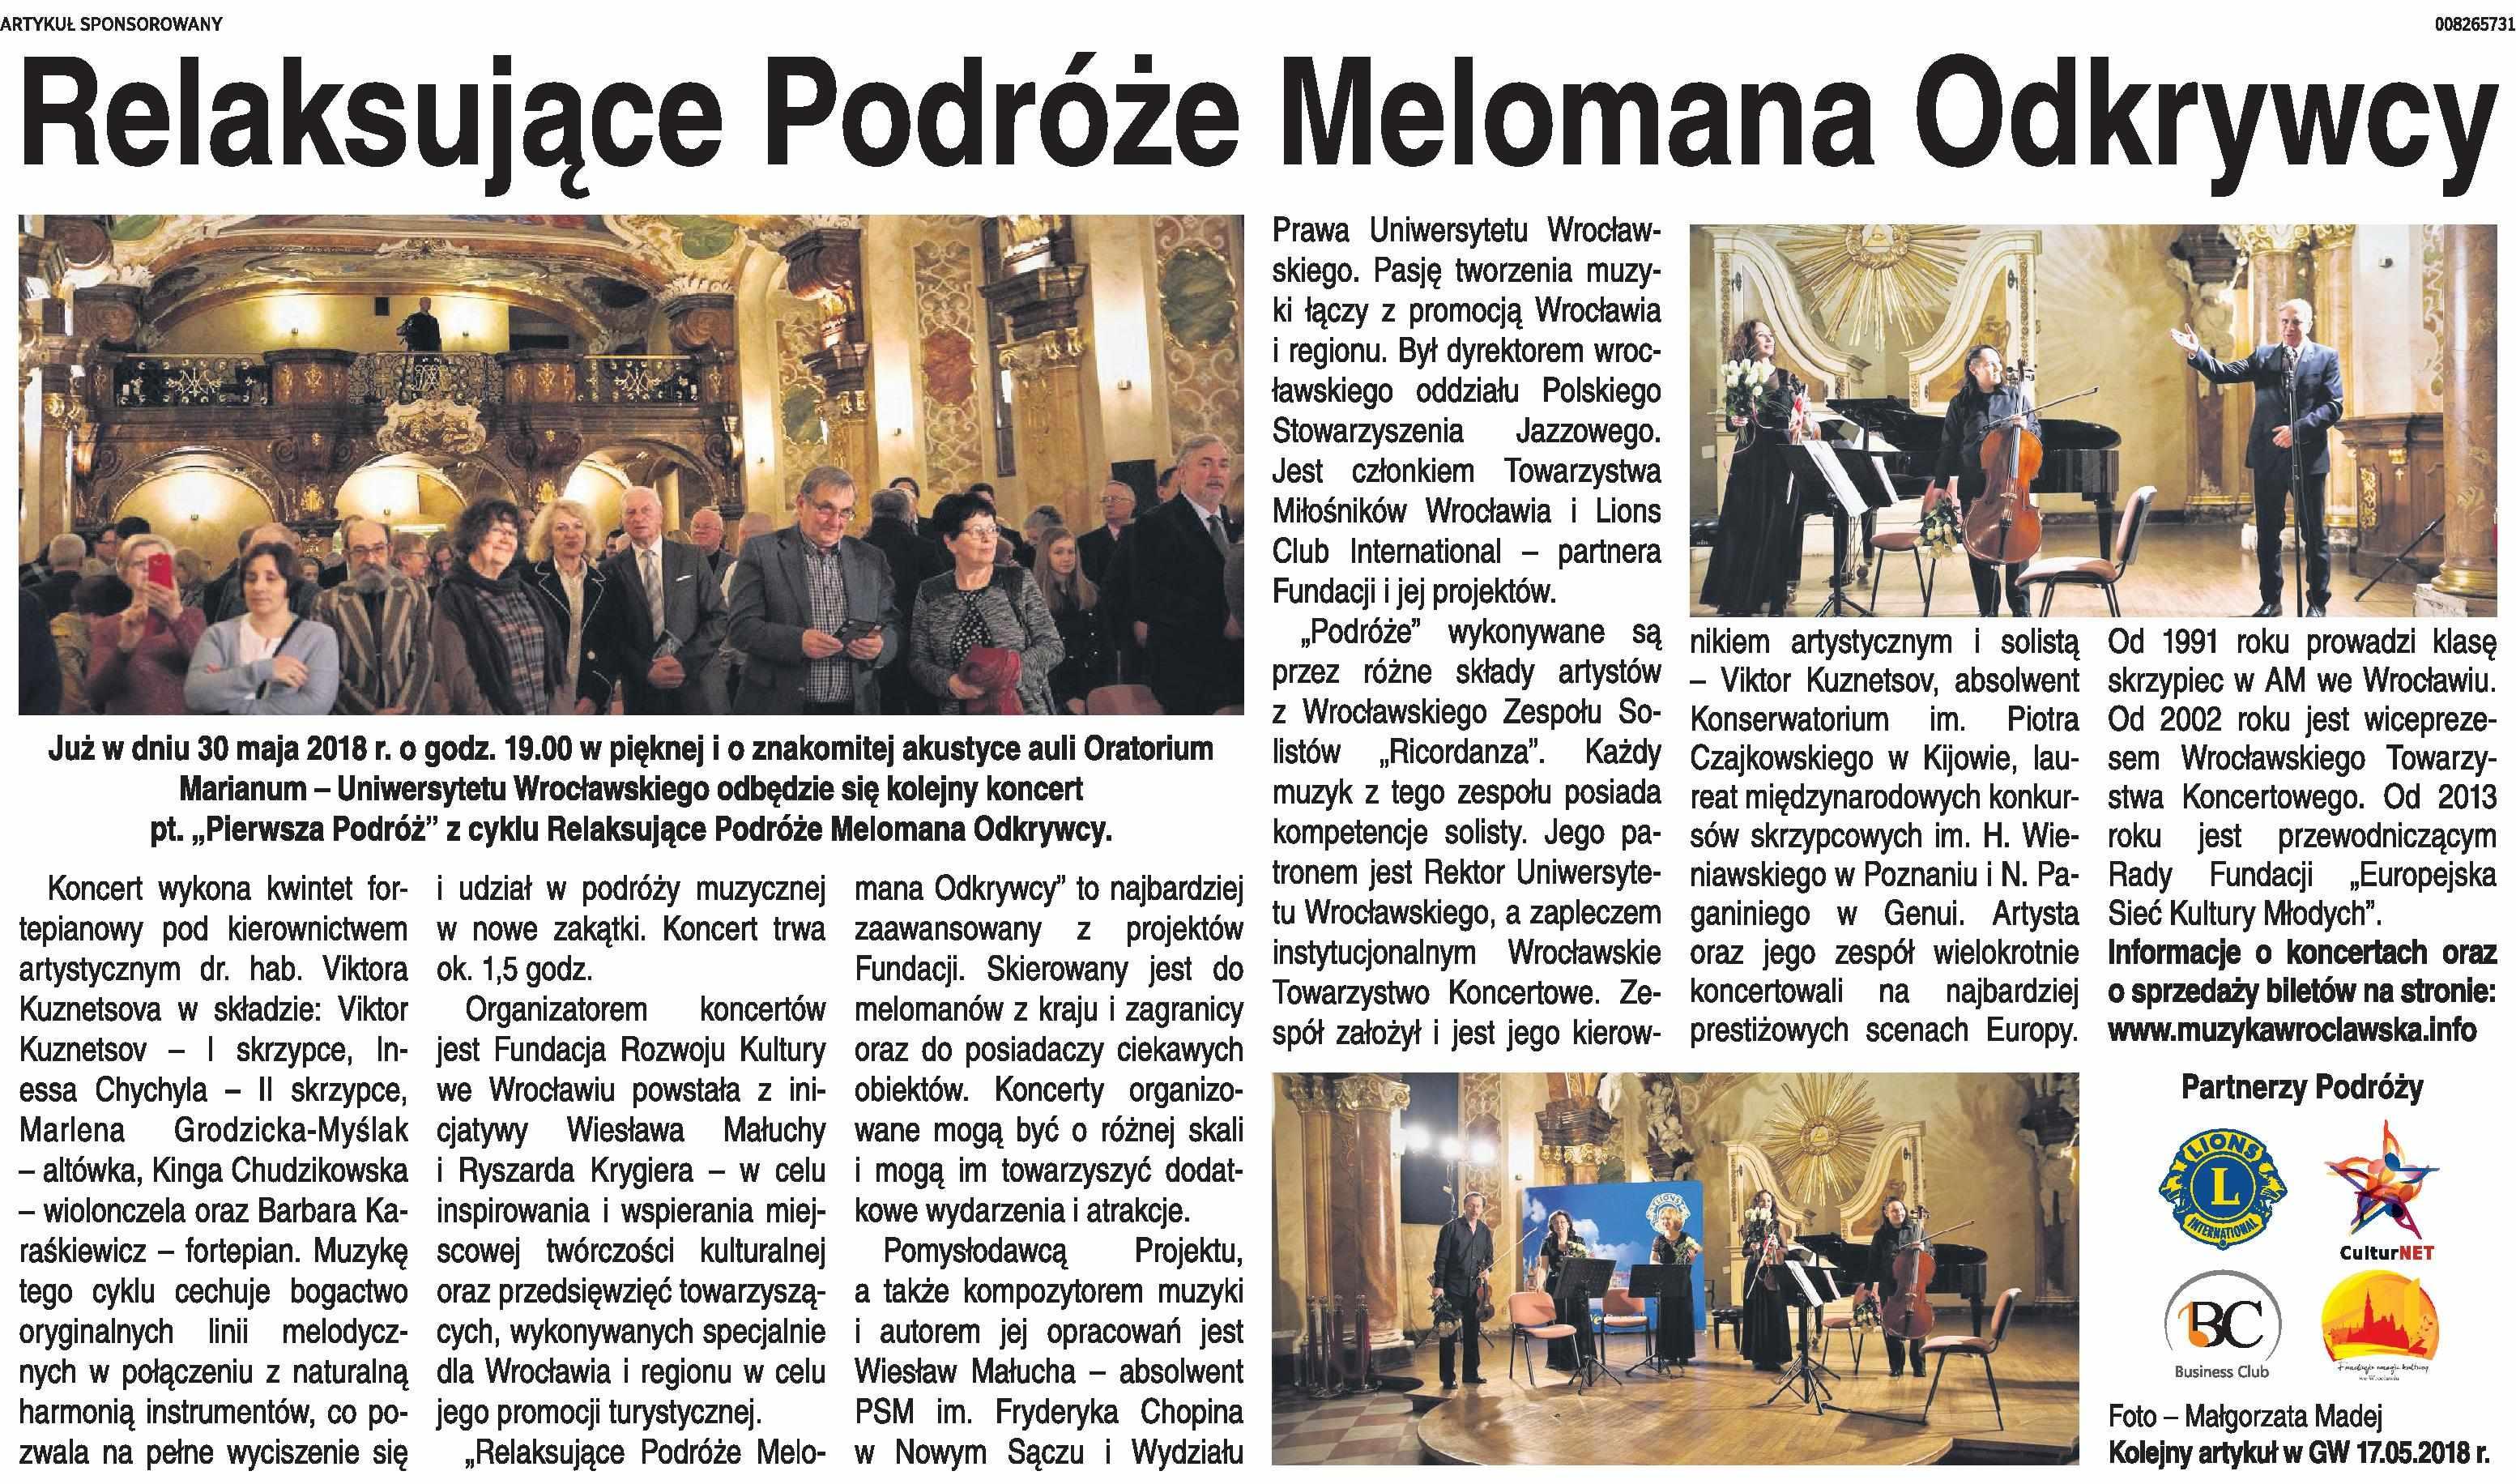 gazeta-wyborcza-18-04-2018-r